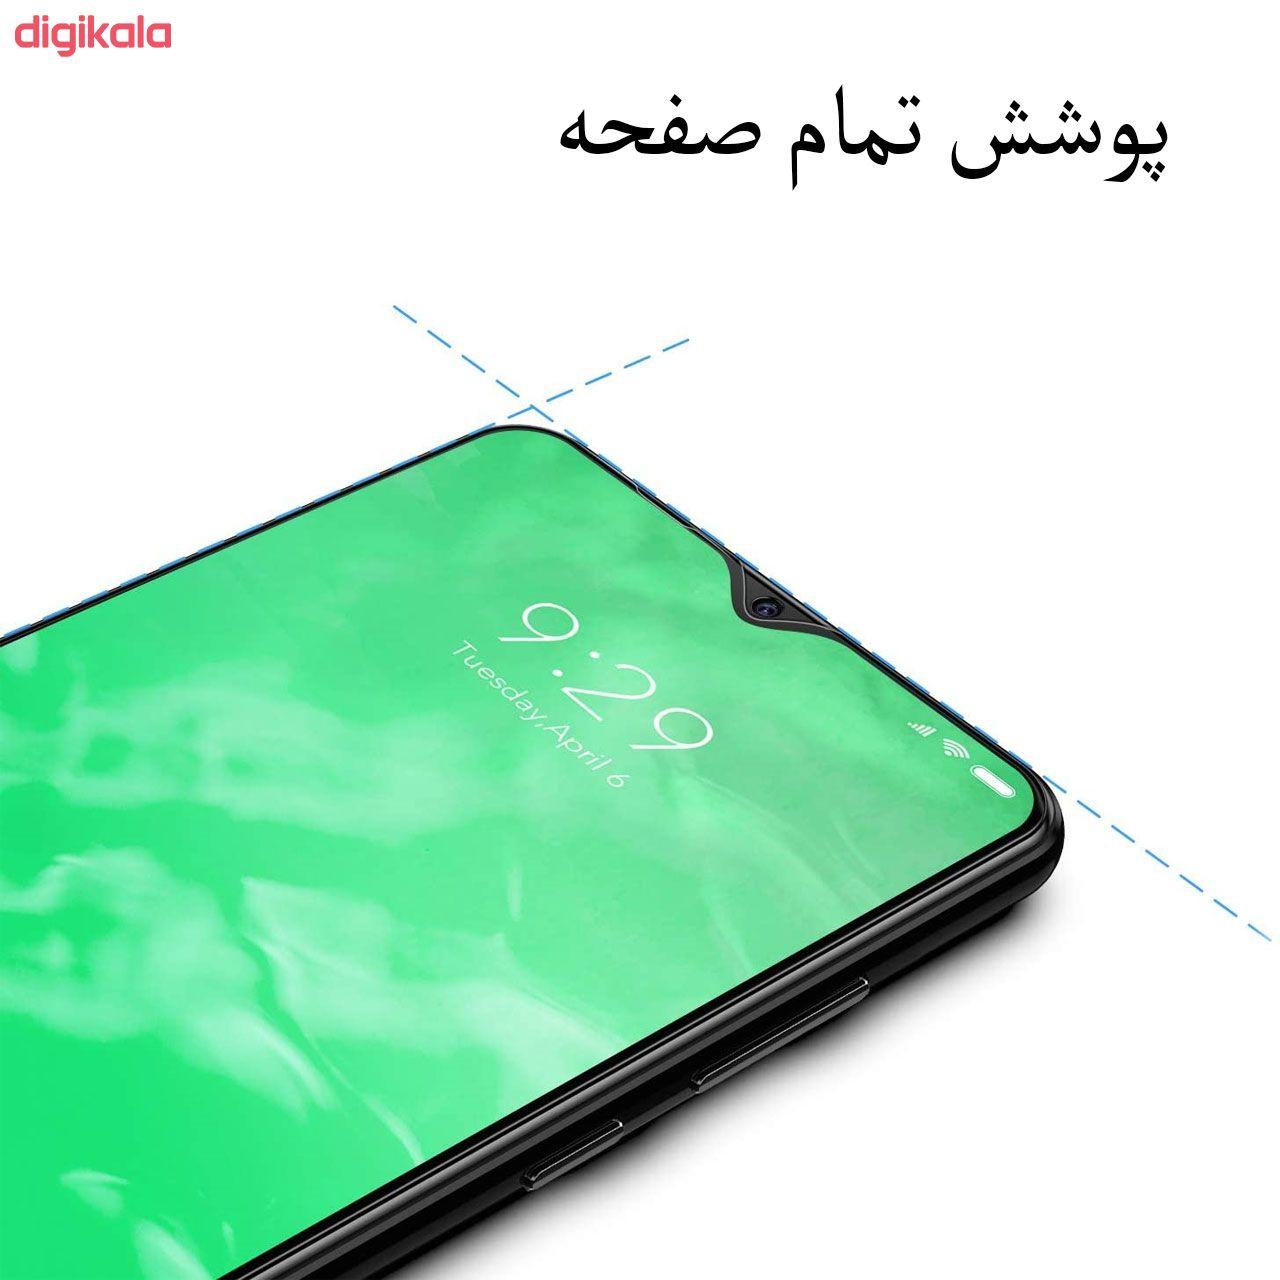 محافظ صفحه نمایش مدل FCG مناسب برای گوشی موبایل شیائومی Mi 10 Lite 5G بسته دو عددی main 1 2